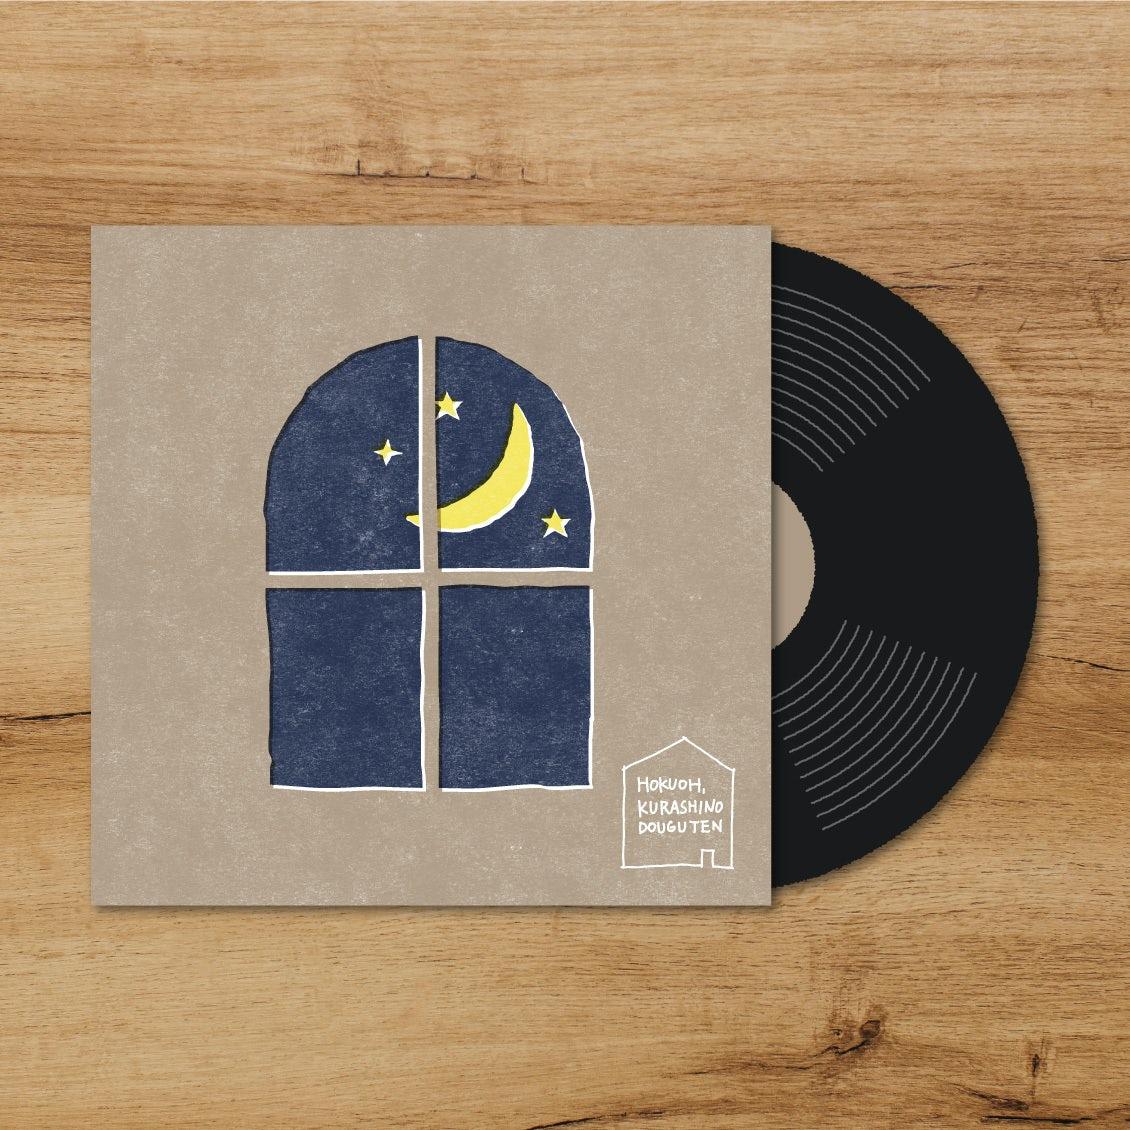 【日常に音楽を】夜更けにゆったり聴きたい「夜ふかしのおとも」プレイリストを更新しました!